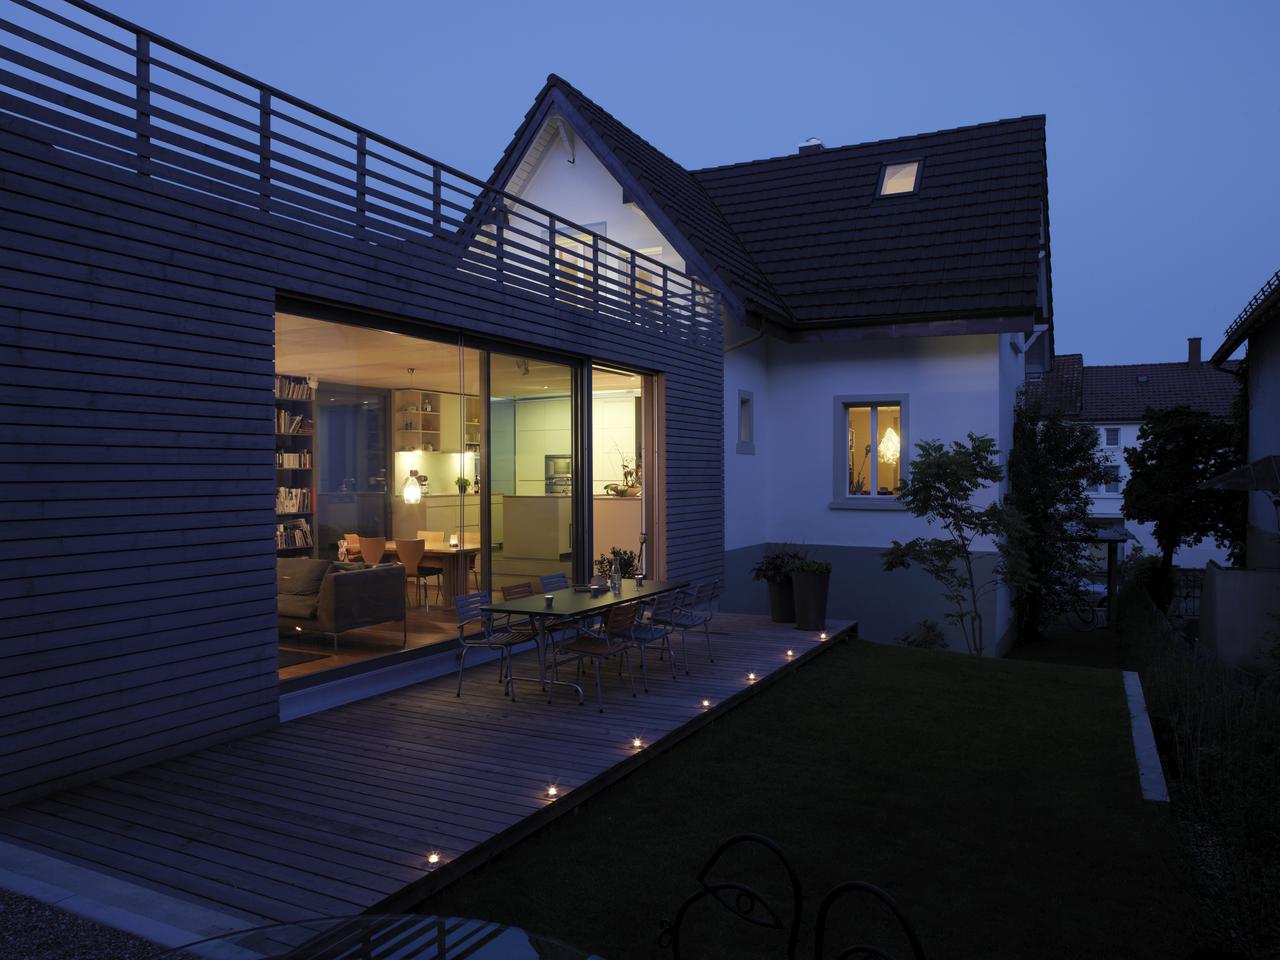 Ampliamento di una casa unifamiliare - Ampliamento casa ...